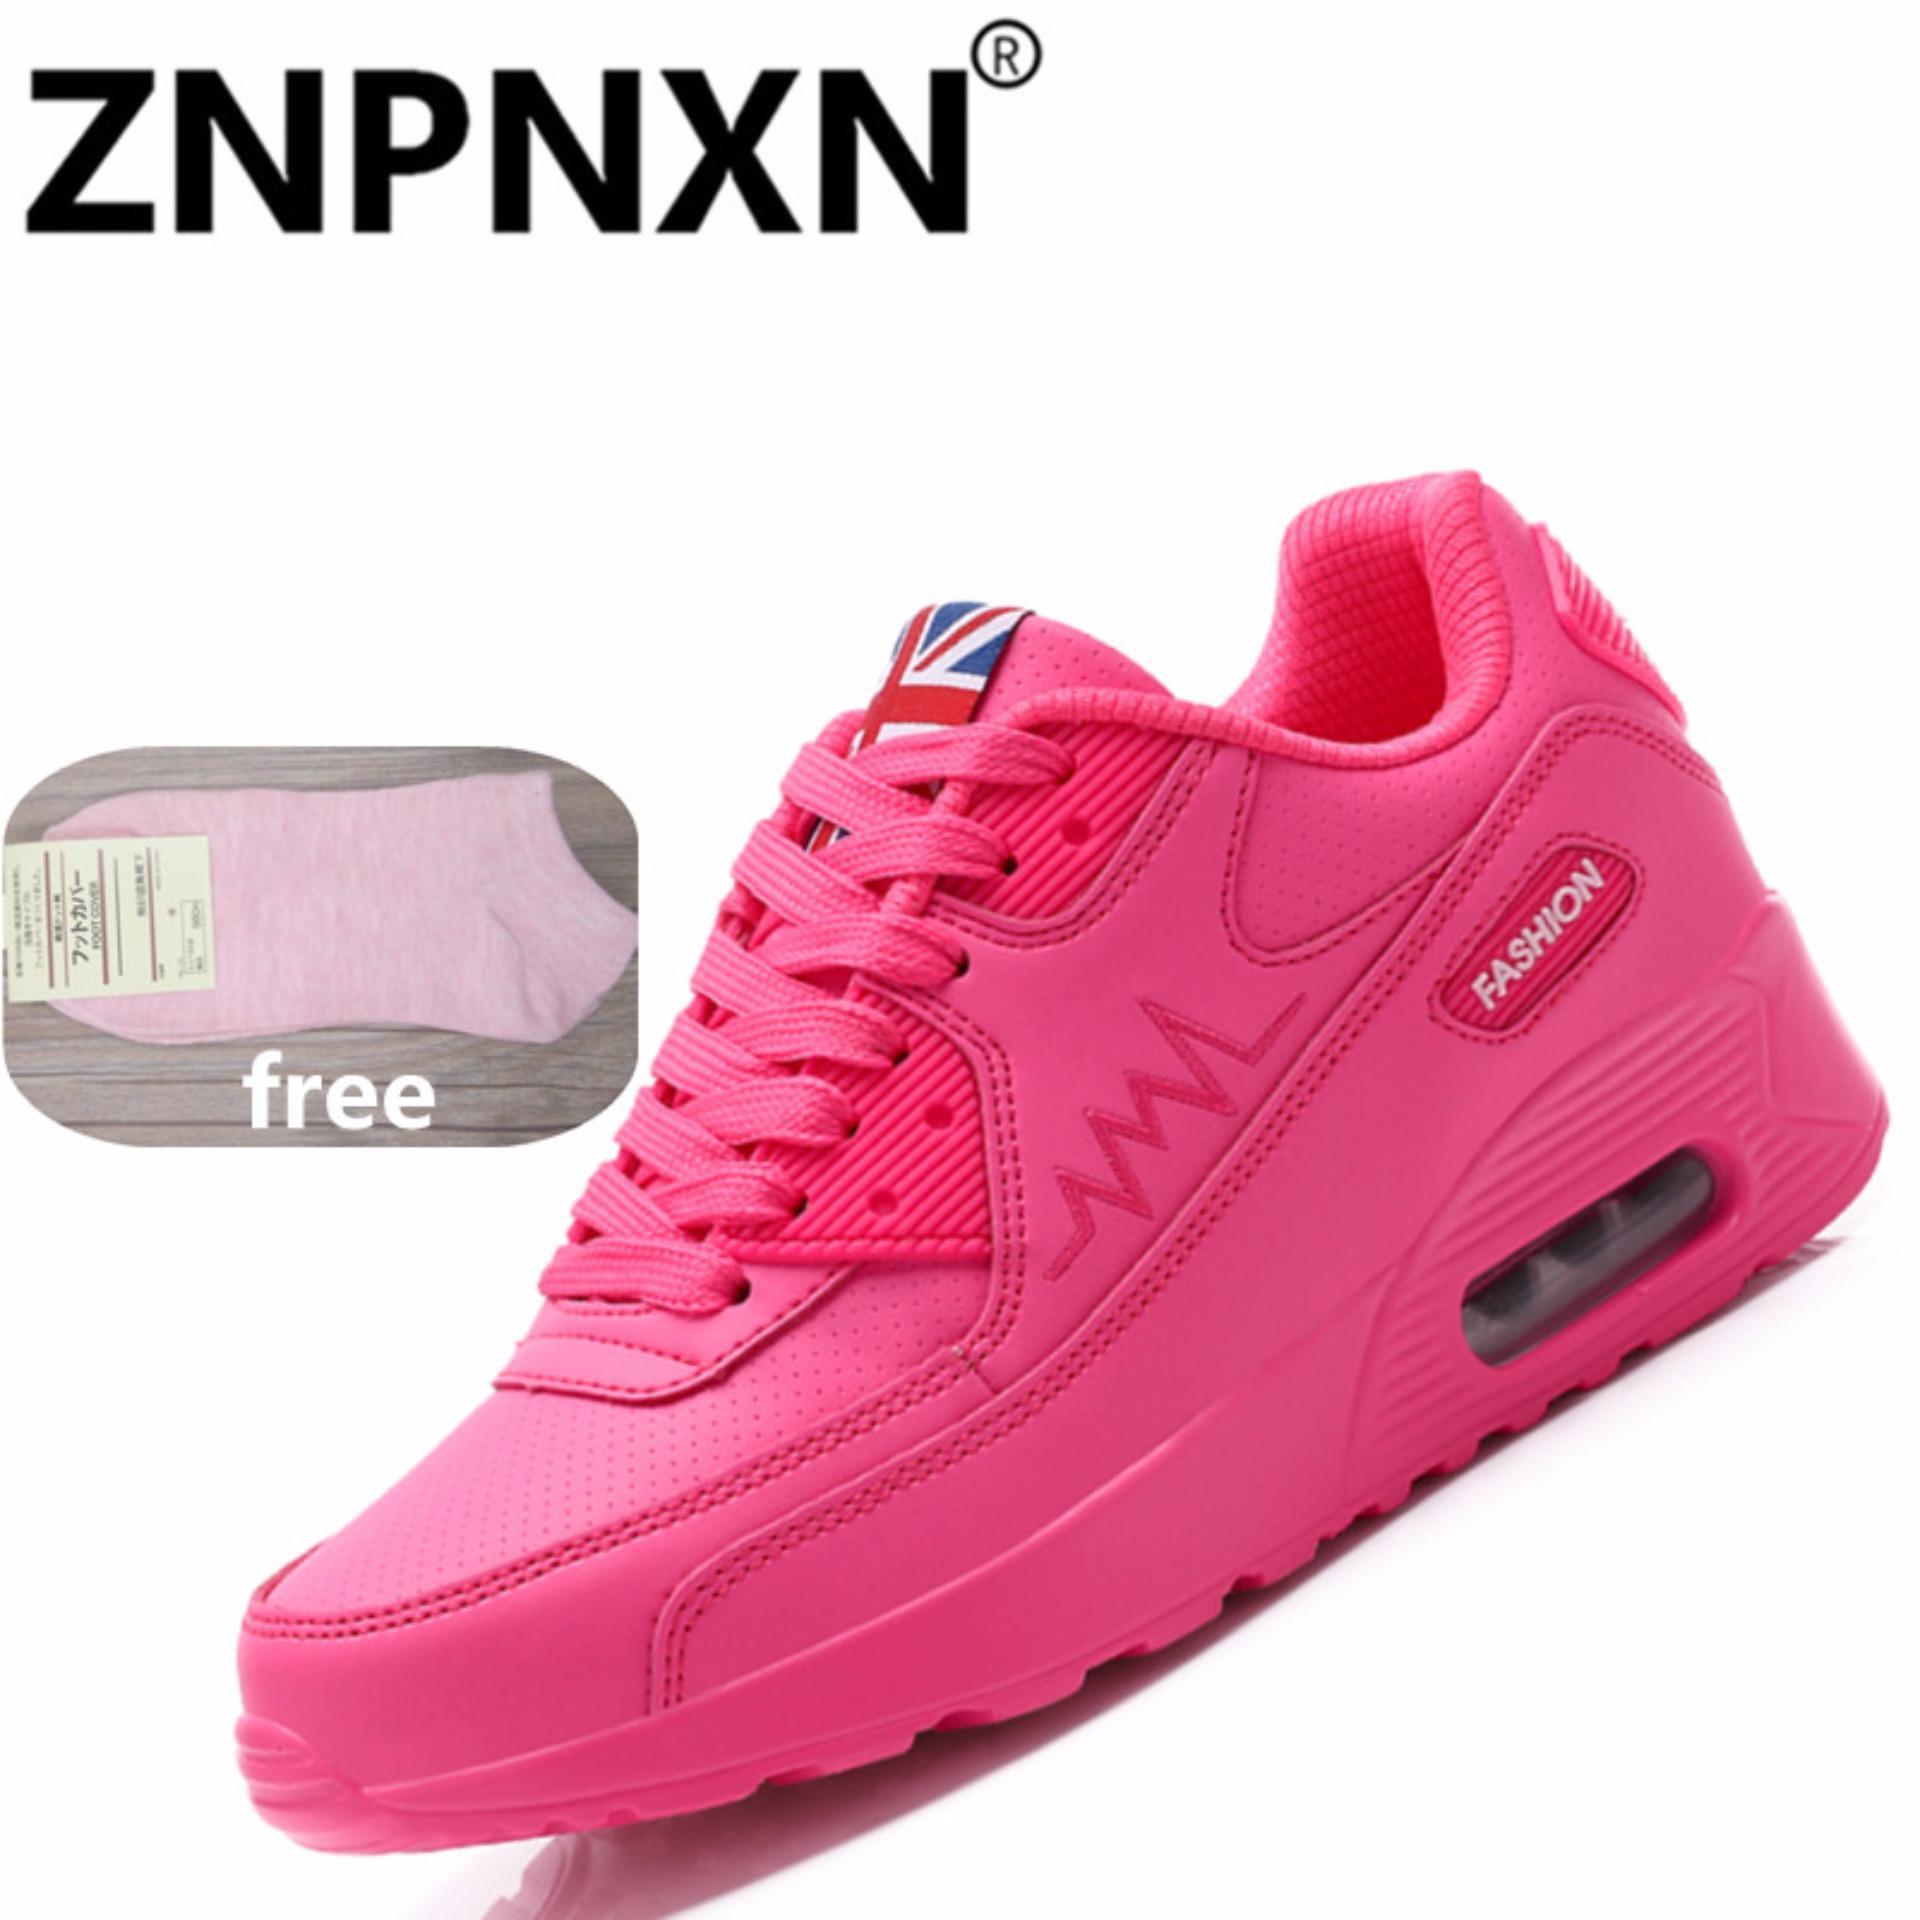 Znpnxn Kaus Brand Terbaru Musim Semi Musim Gugur Menjalankan Sepatu For Outdoor Nyaman Wanita Sneakers Bernapas Olahraga Sepatu Rose Di Tiongkok